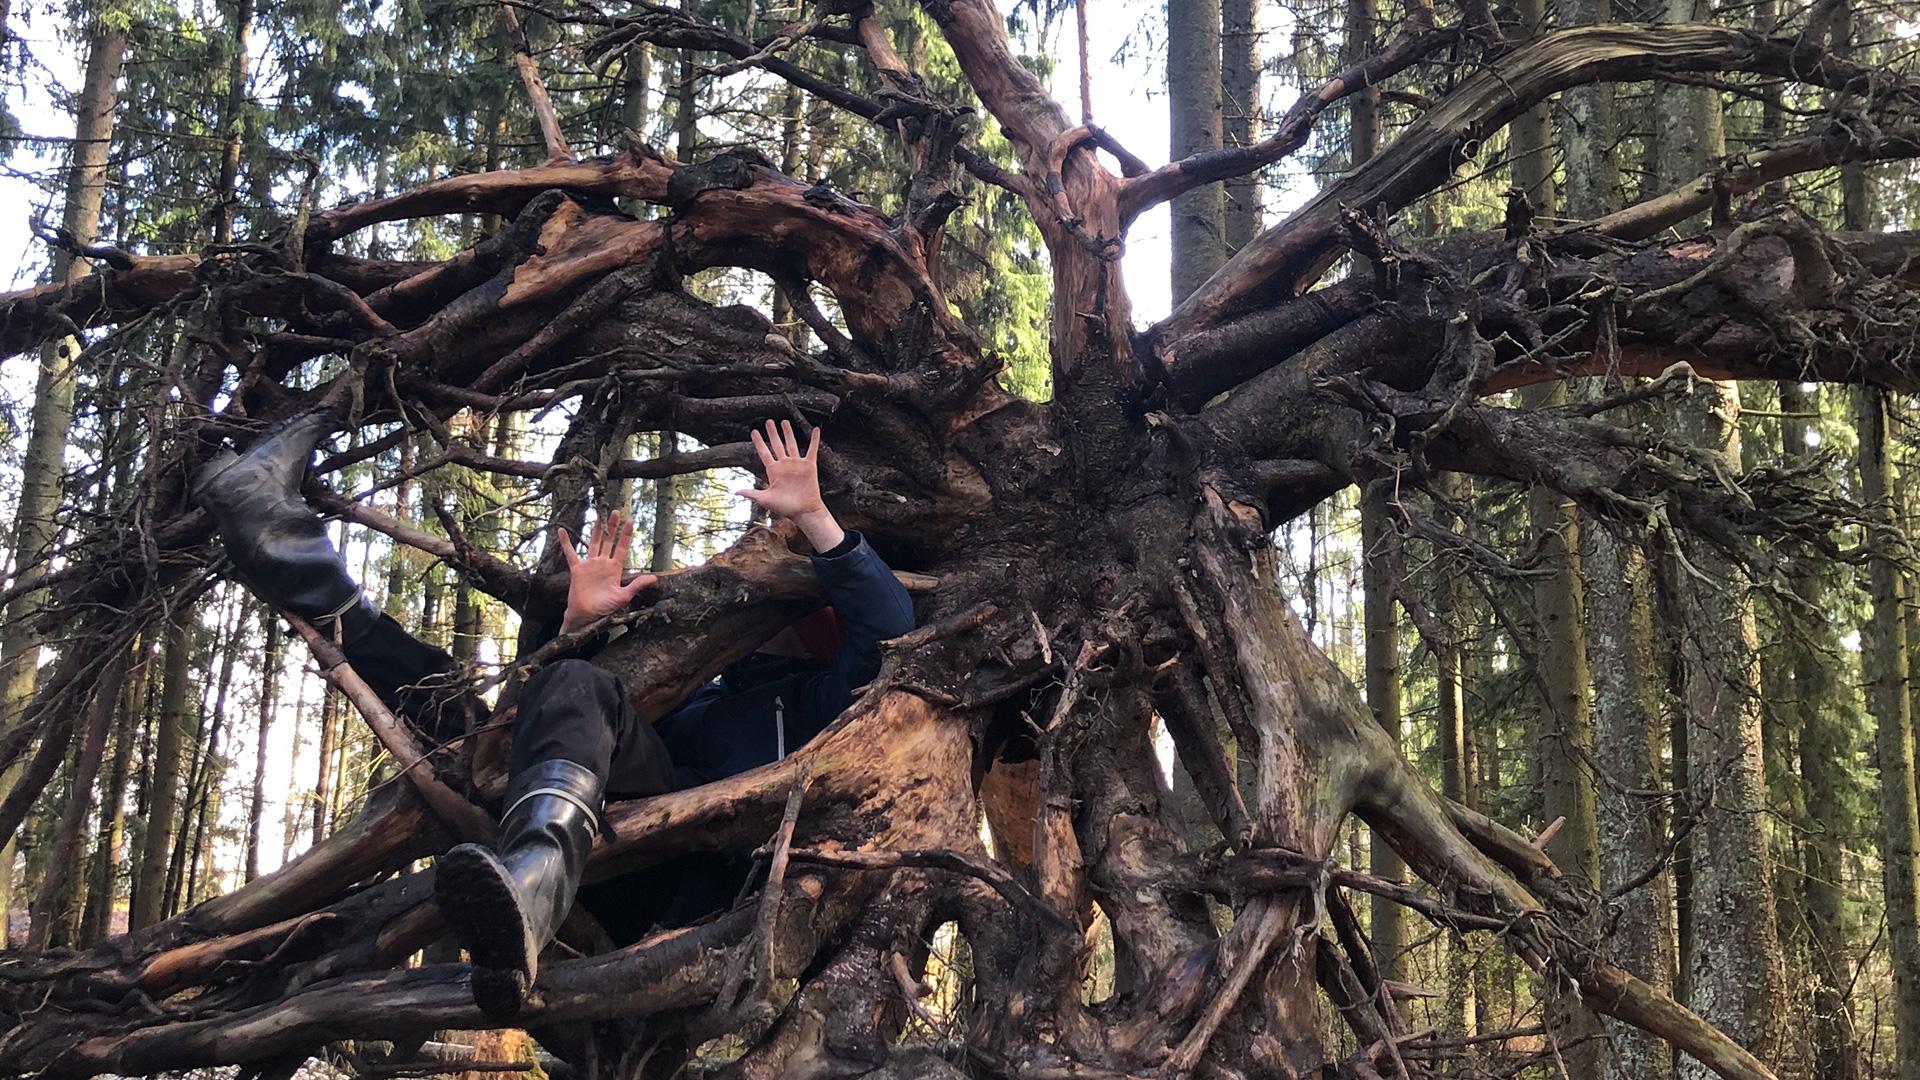 Henkilö metsässä kietoutunut paljaaseen puun juurakkoon. Vain kädet ja jalat näkyvät.